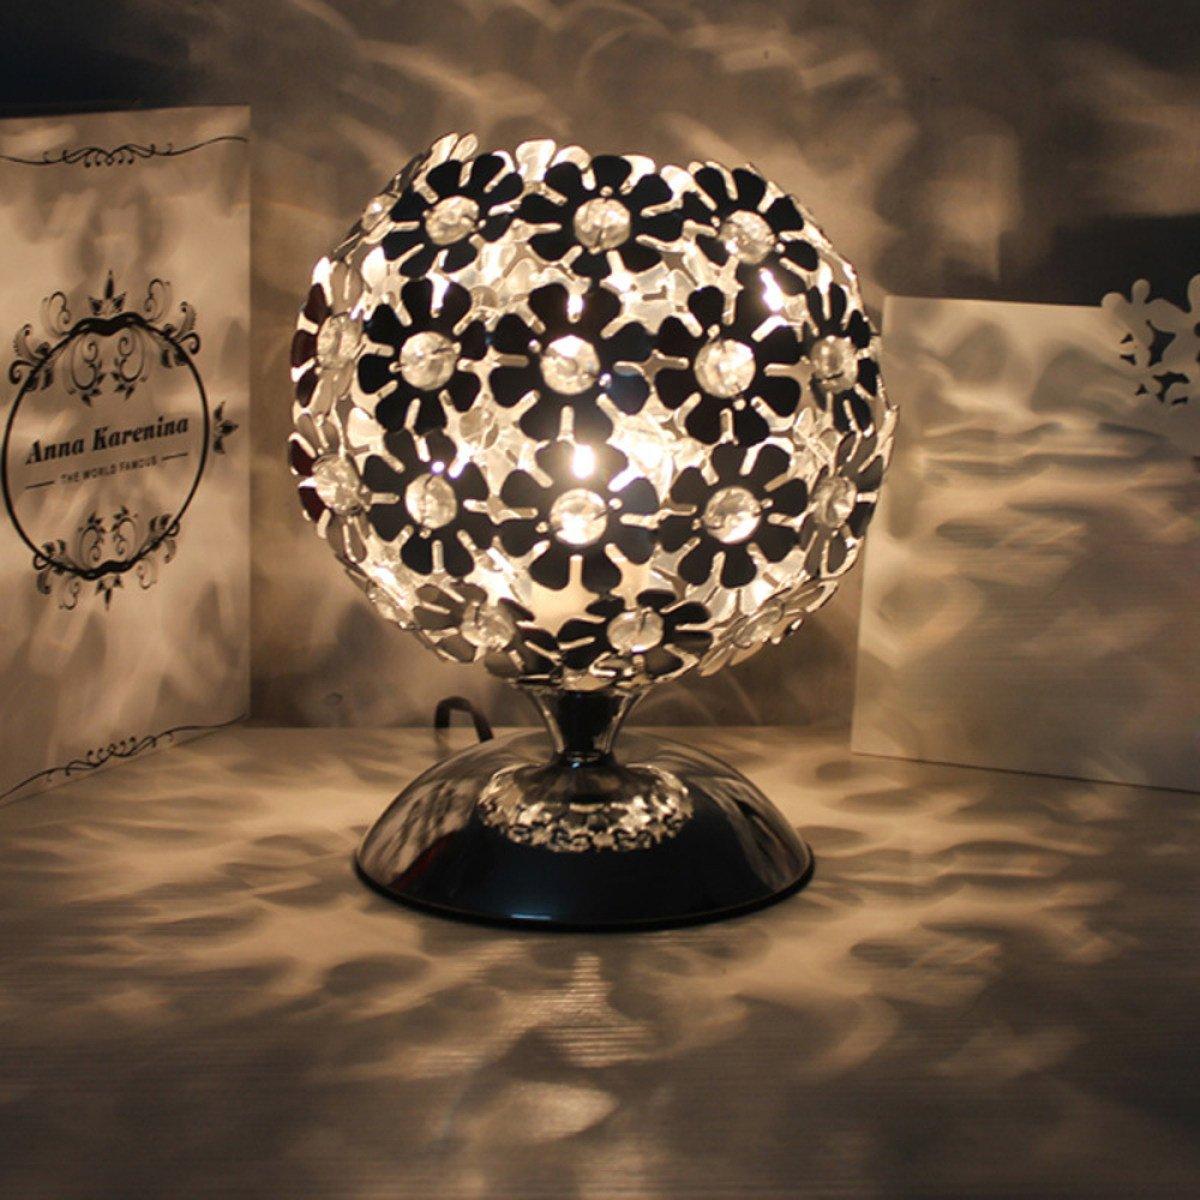 Dimming Modernes Unbedeutendes Wohnzimmer Schlafzimmer Nachtaluminiumkugel Kreative Dekoration Studie Schlafzimmer Dimmbare Lampe Foto Farbe,Dimming